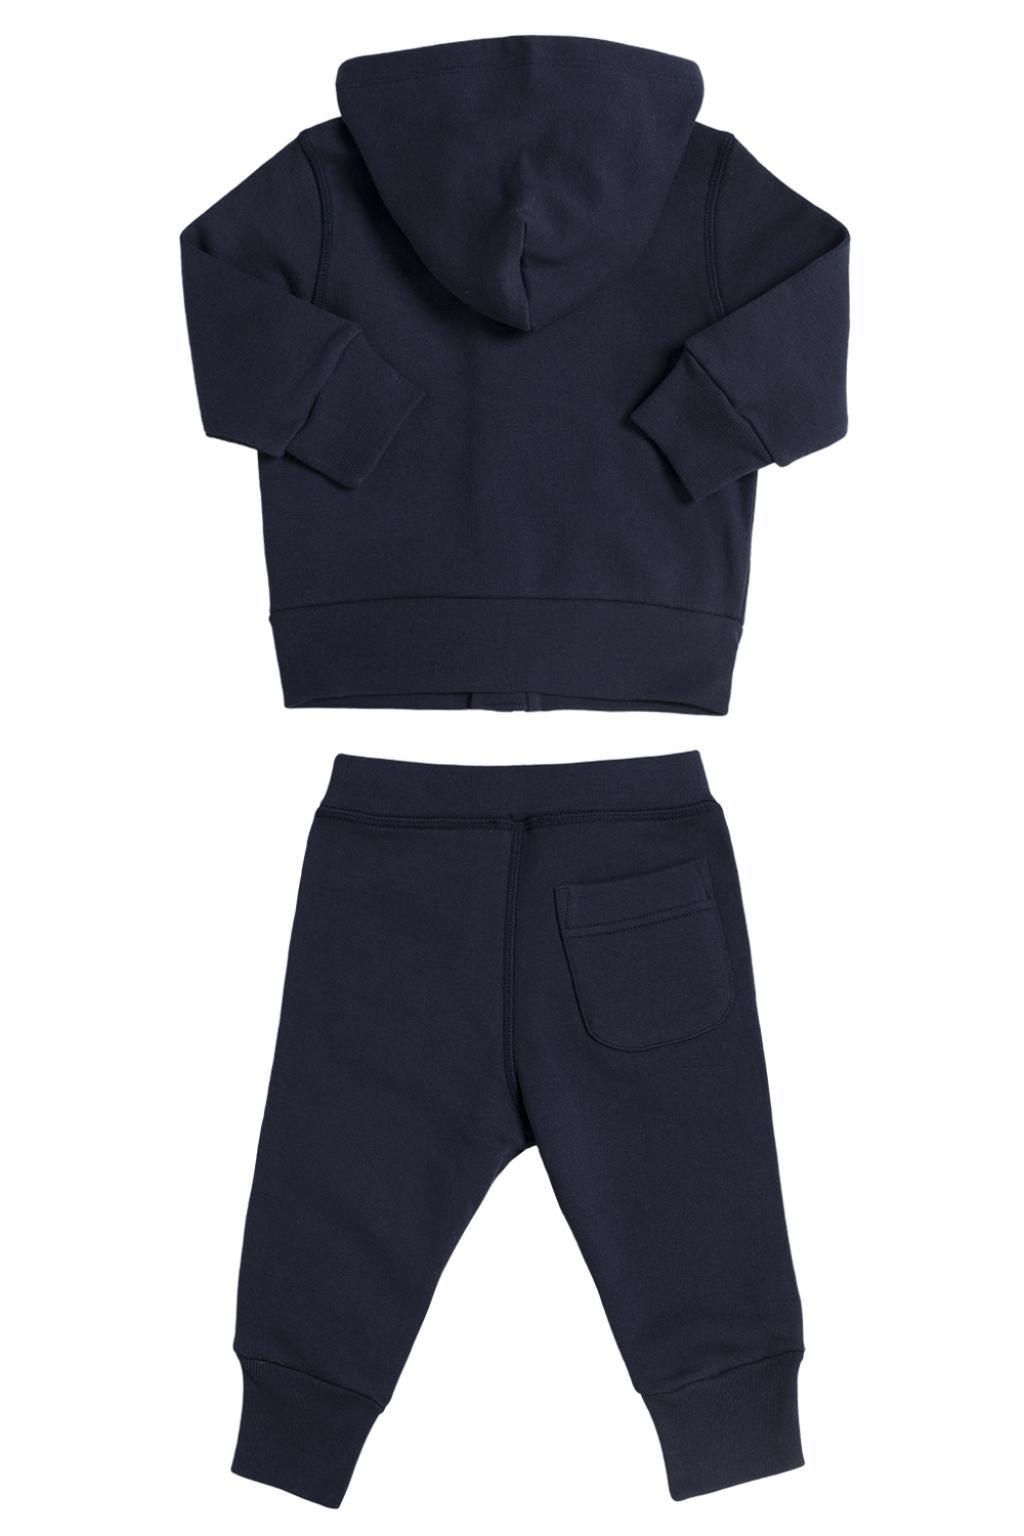 Diesel Kids Sweatshirt & sweatpants kit